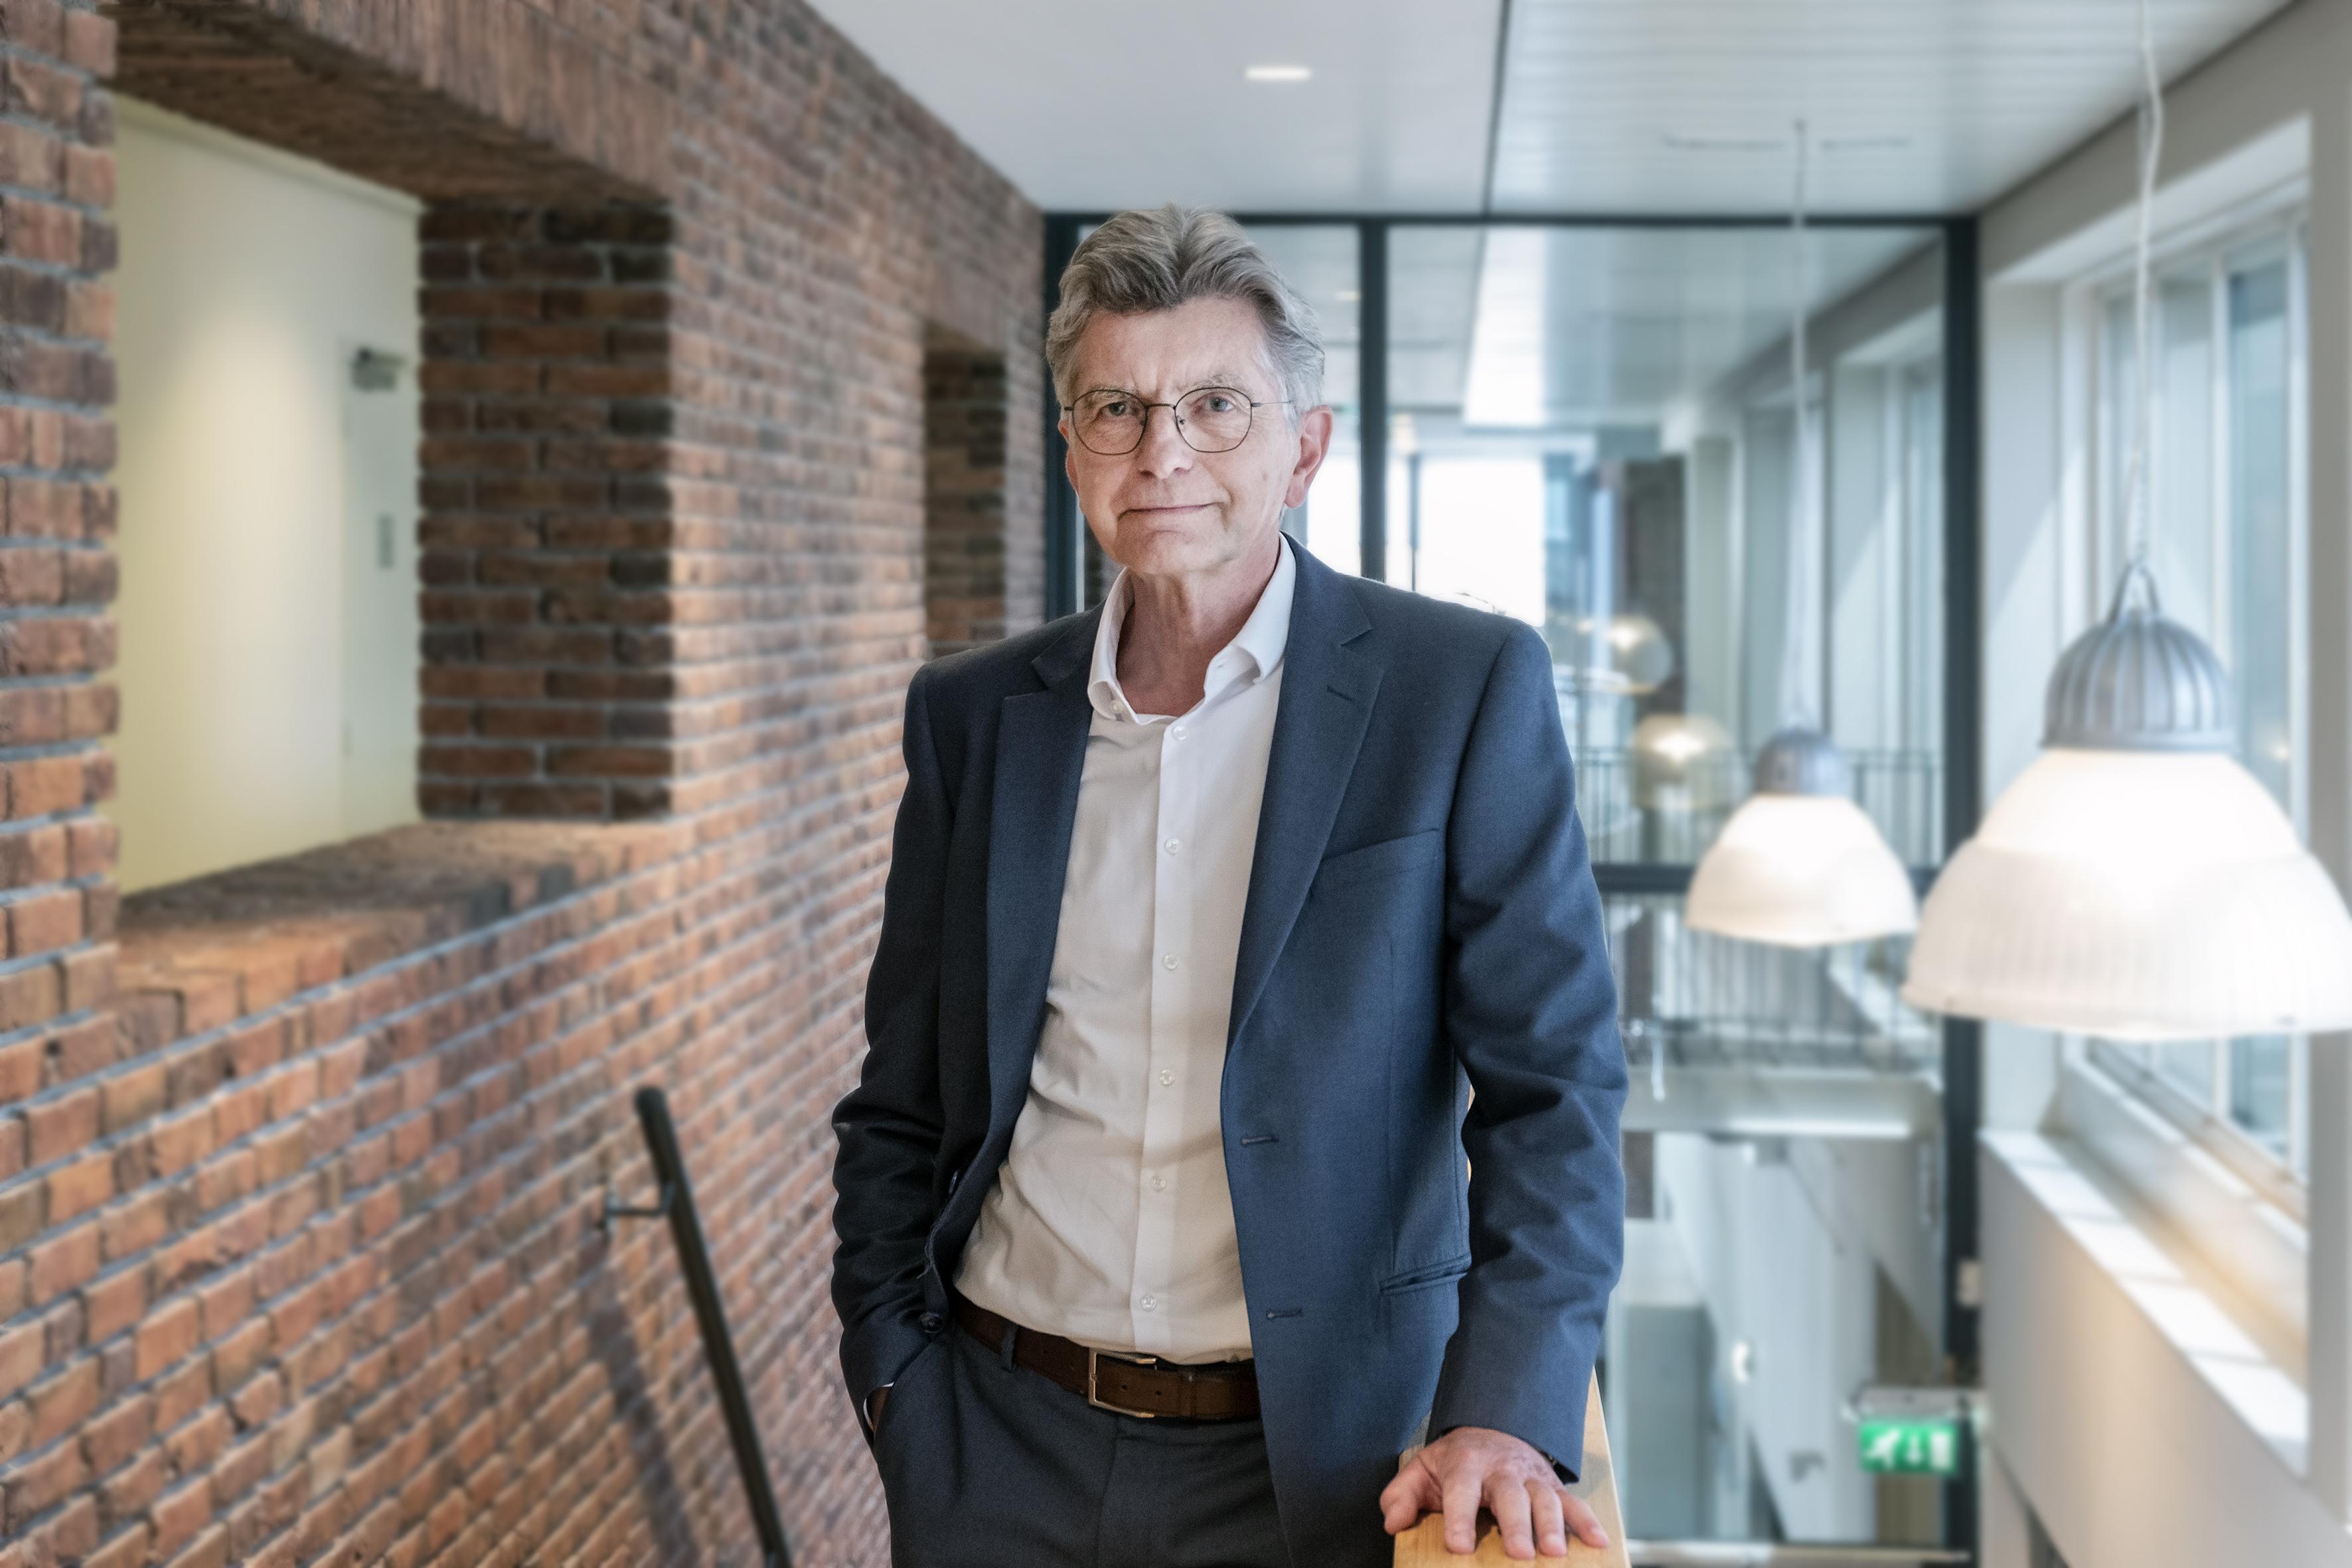 De visie van Pierre Sponselee: 'Een wooncorporatie moet haar bewoners laten bloeien'